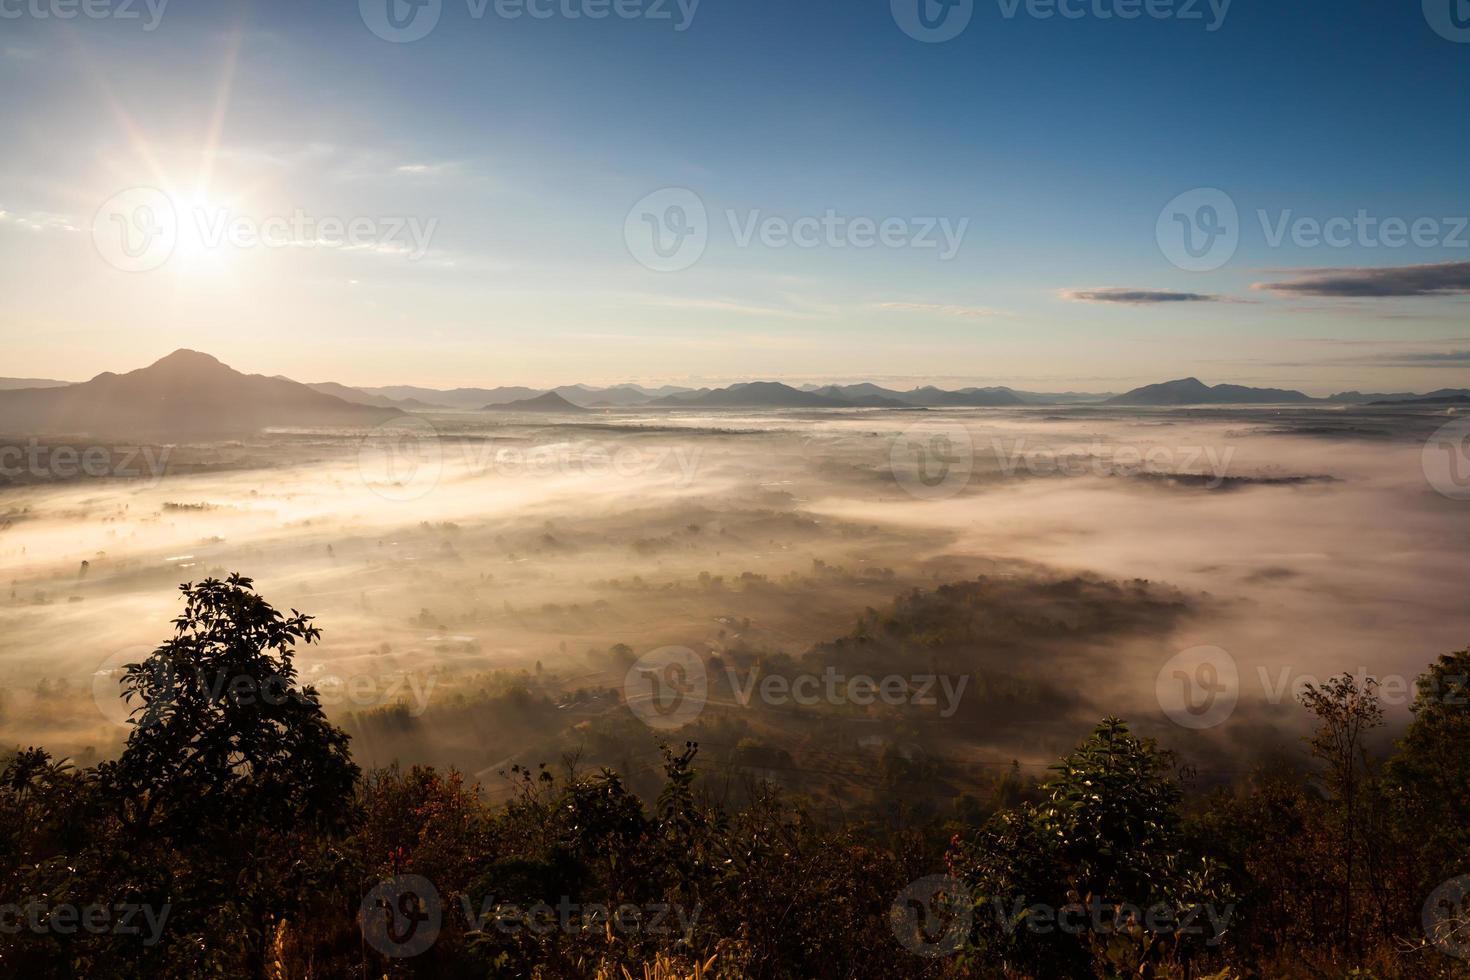 lever du soleil au-dessus d'un paysage de montagne brumeux photo